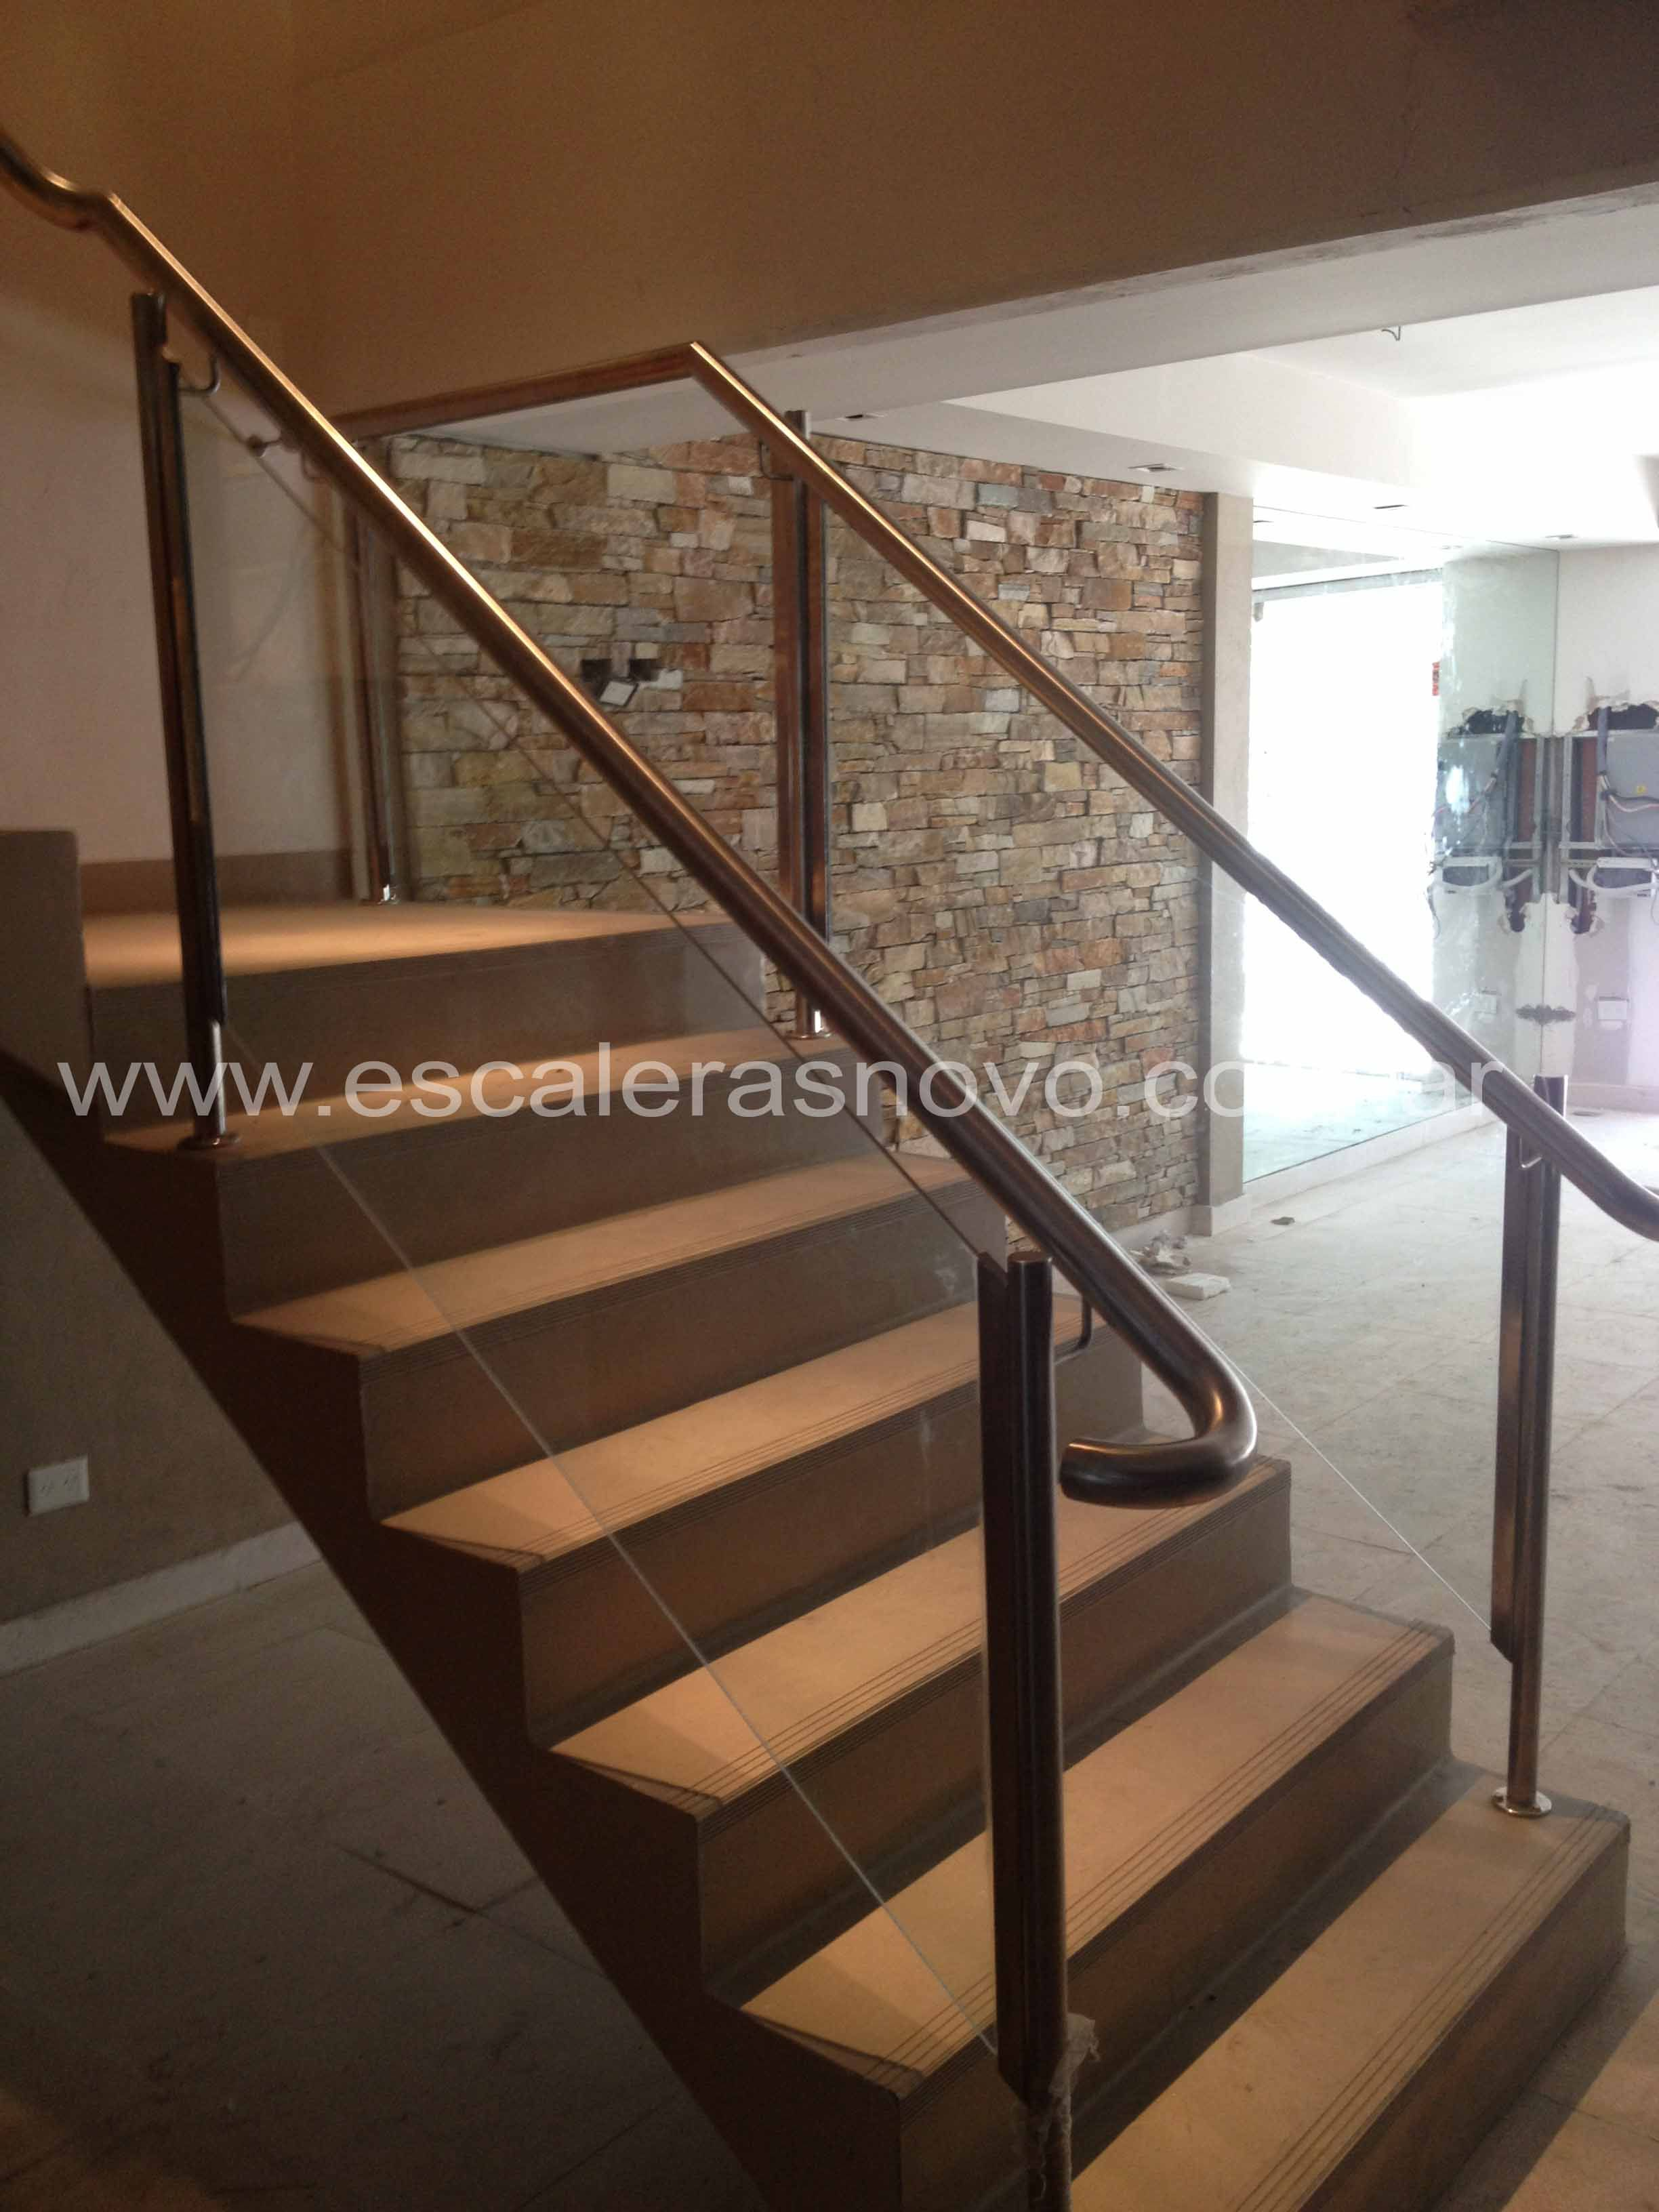 Baranda de acero y vidrio n31 venta de escaleras y - Escaleras de acero y cristal ...